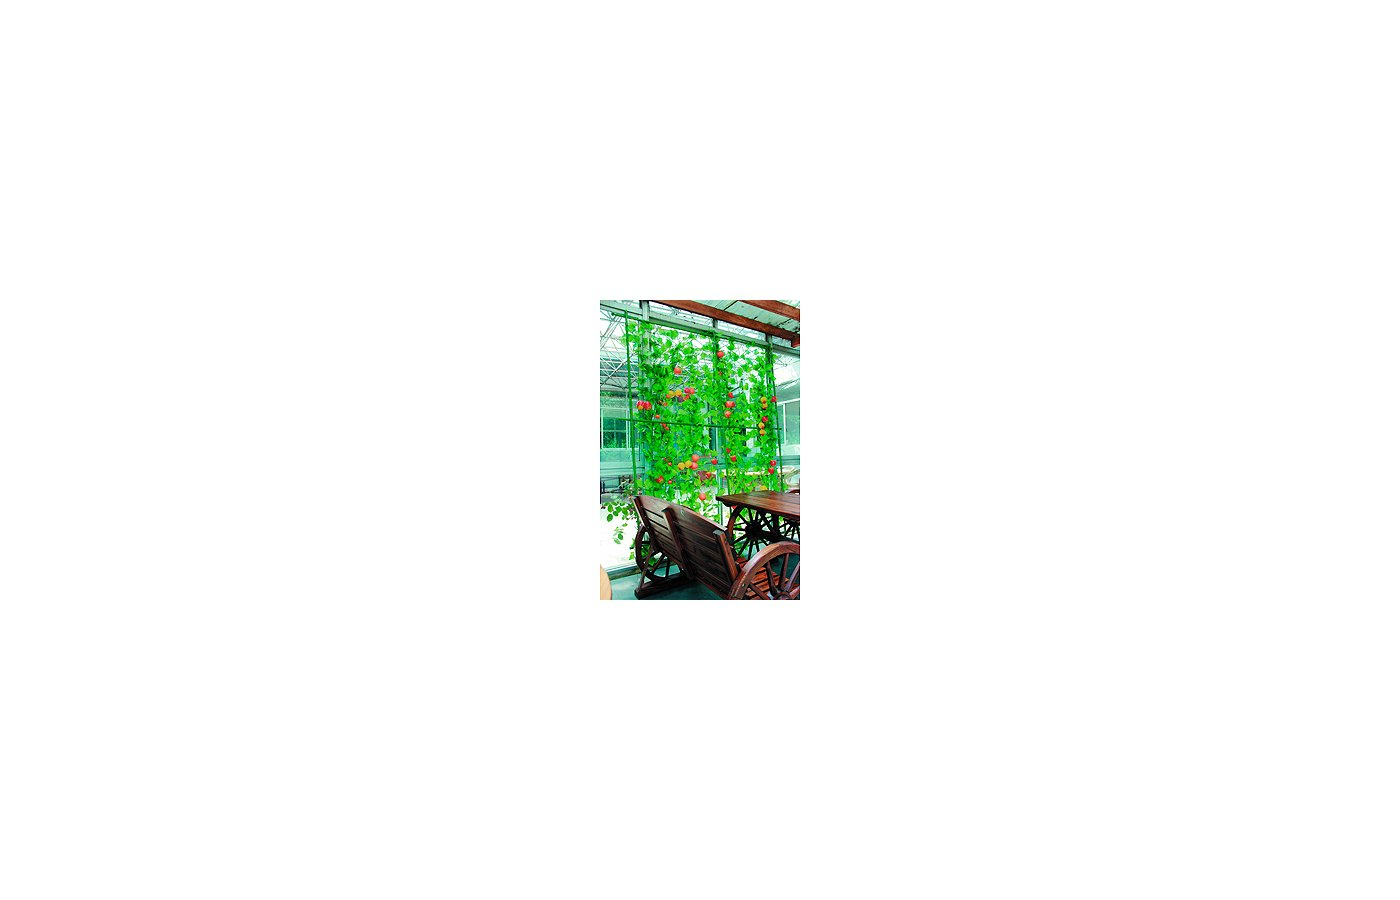 садовые товары GREEN APPLE GLSCL-2 Комплект для вьющихся растений сборный 0.9х1.8м